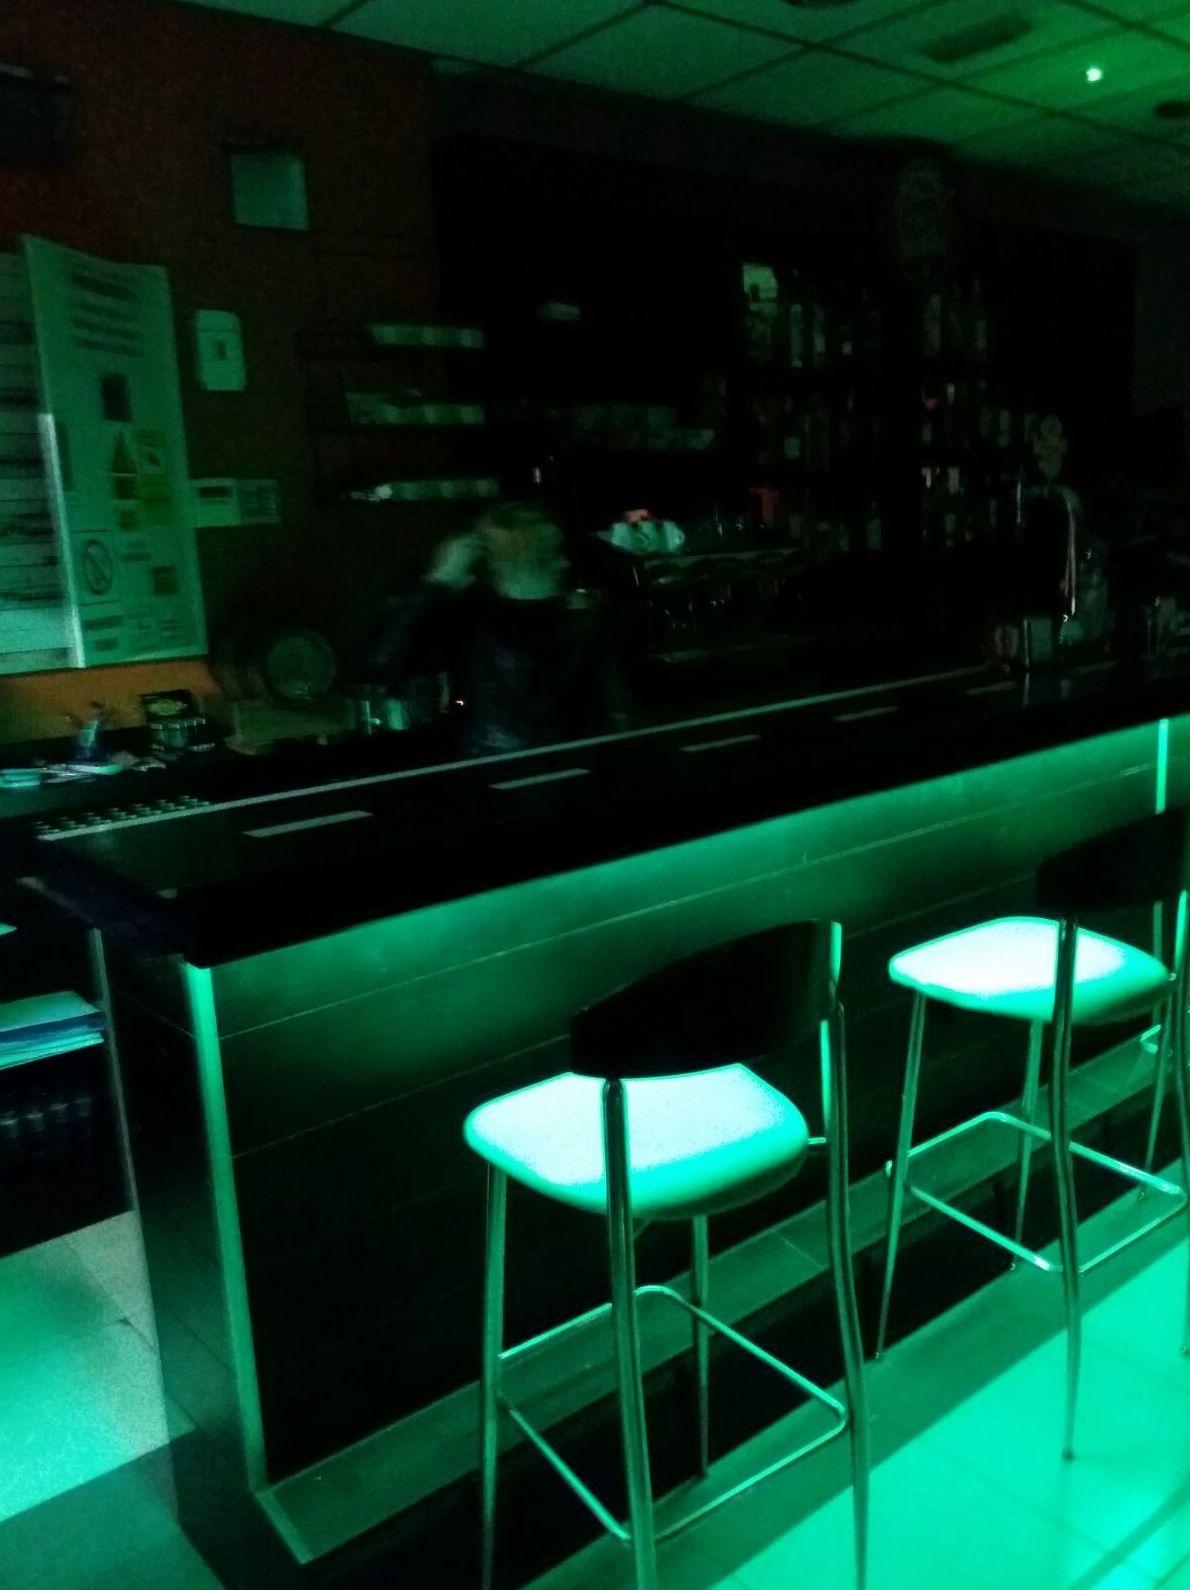 Trabajos de iluminación en locales comerciales